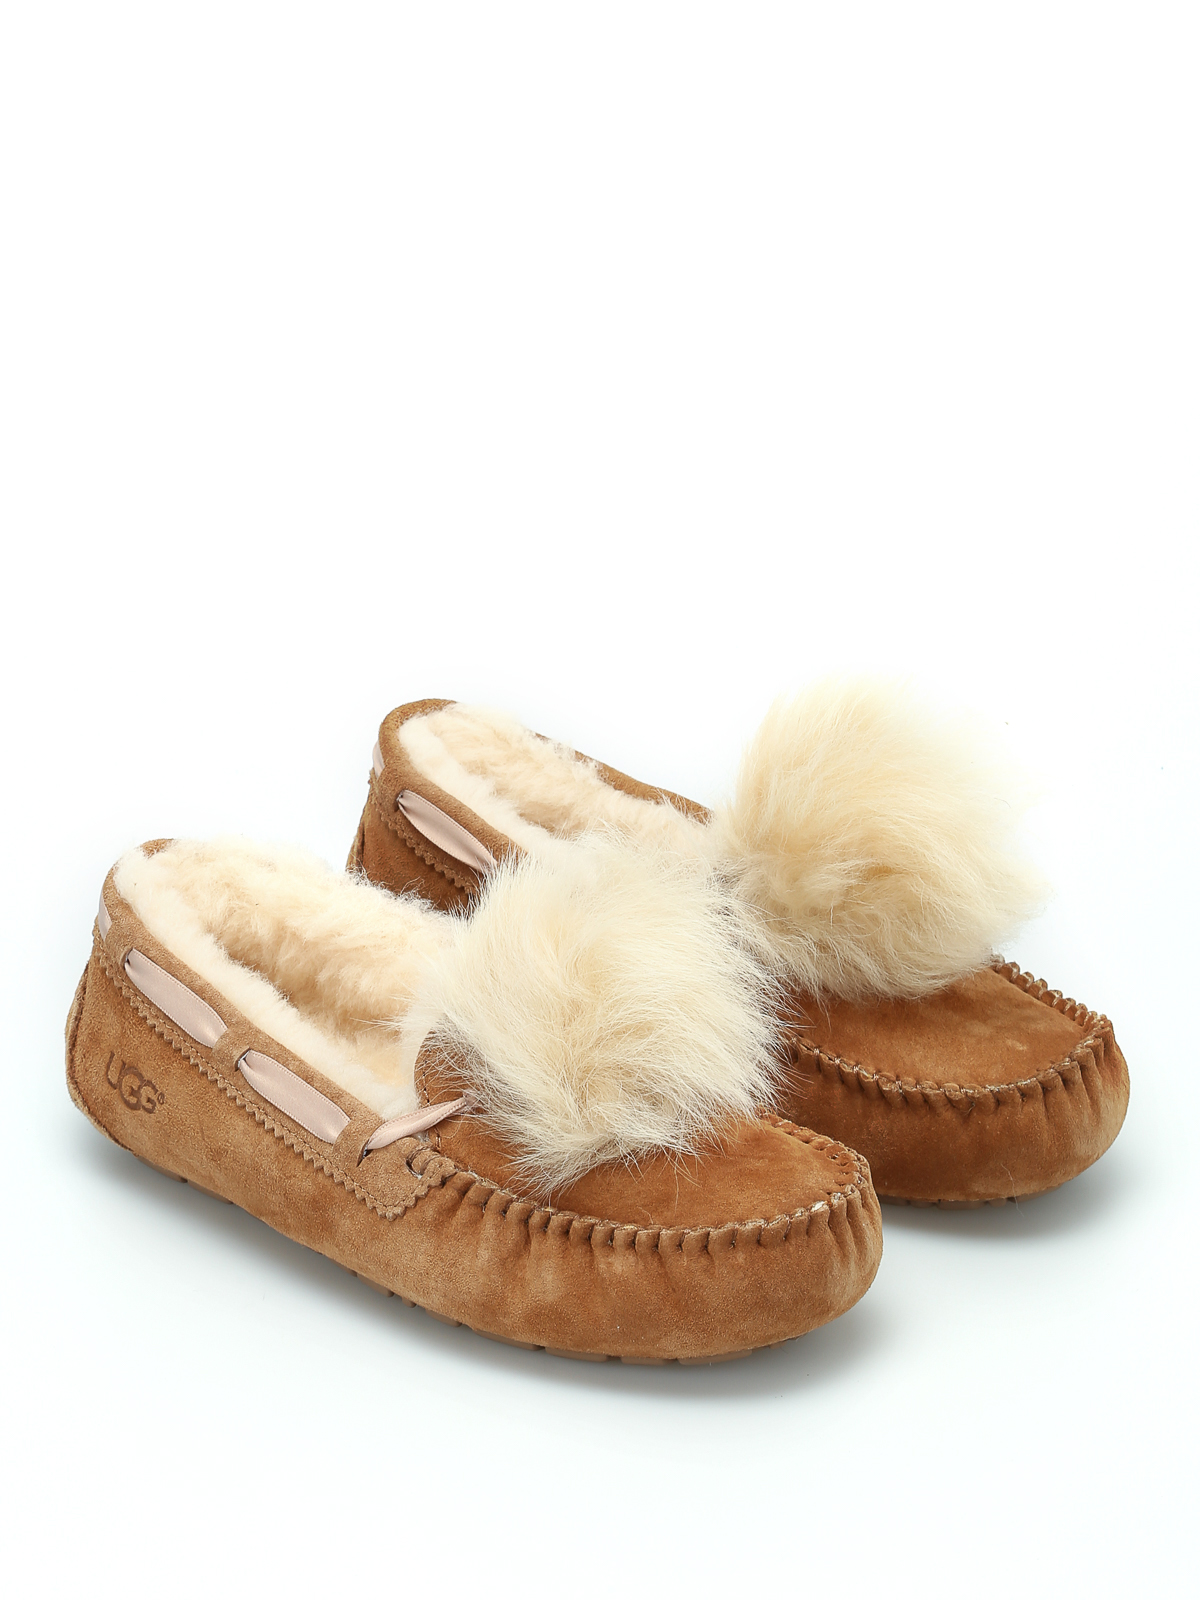 Ugg - Dakota Pom Pom slippers - Loafers